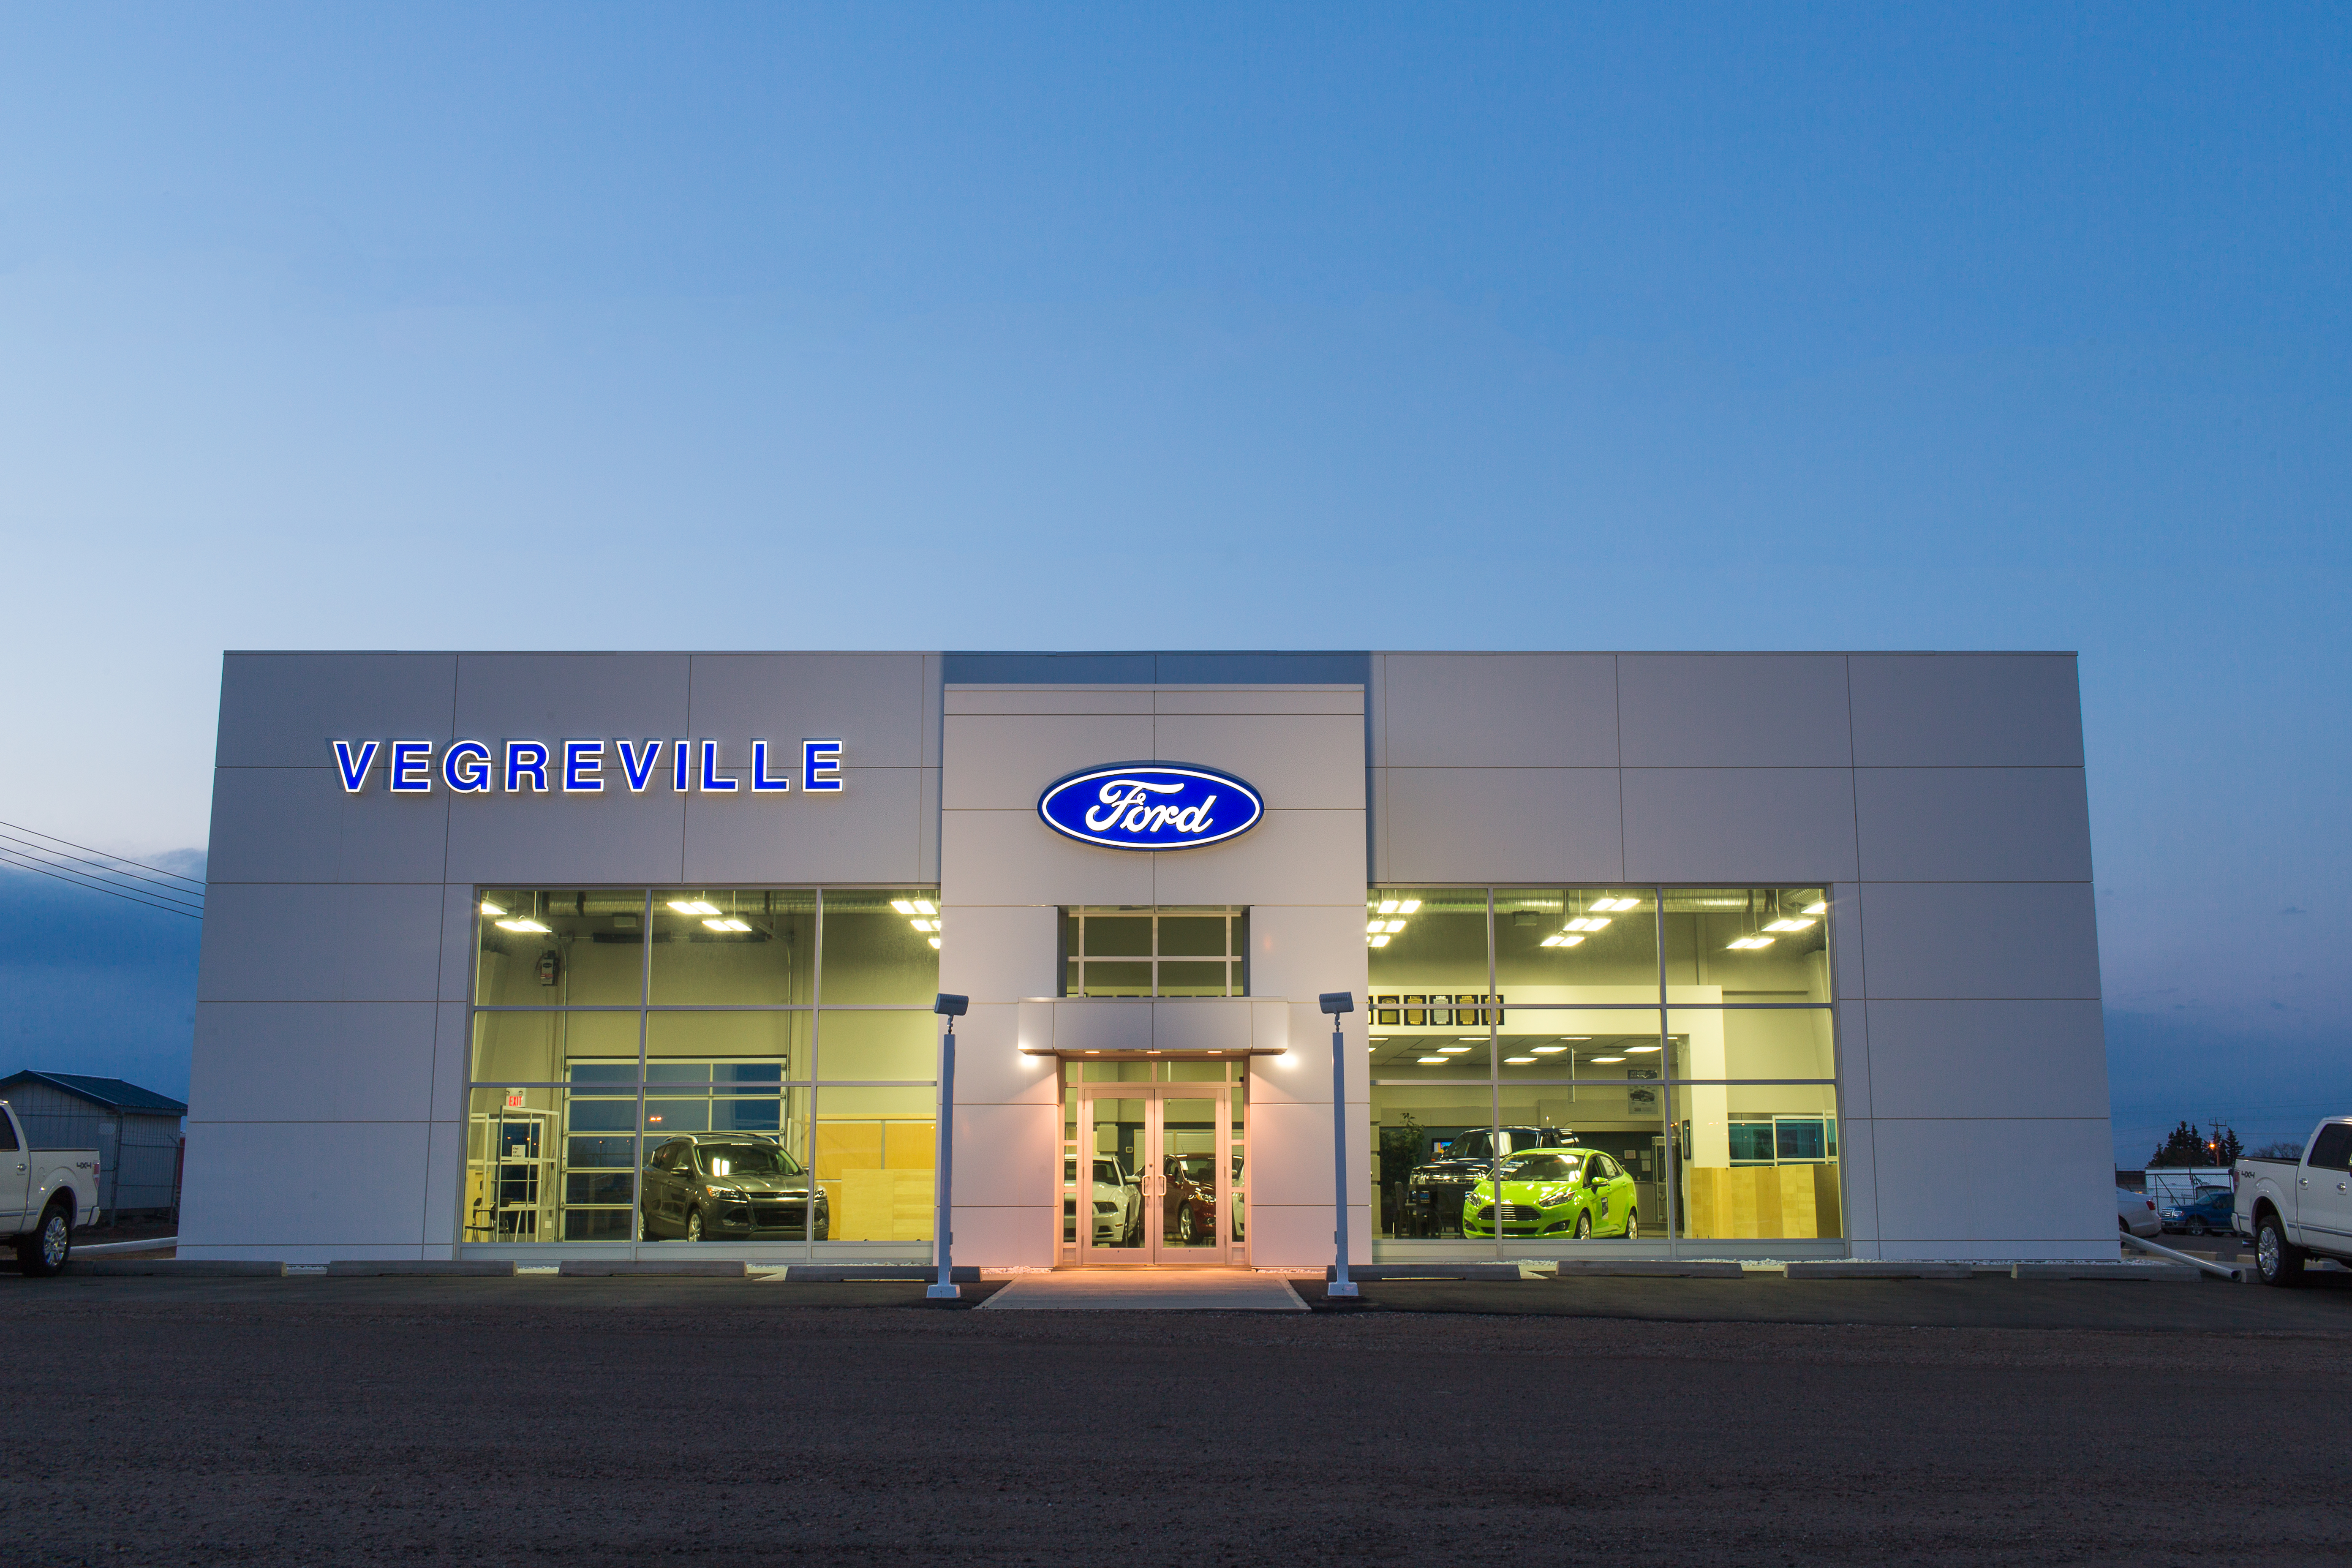 Recent Work: Vegreville Ford Dealership Addition